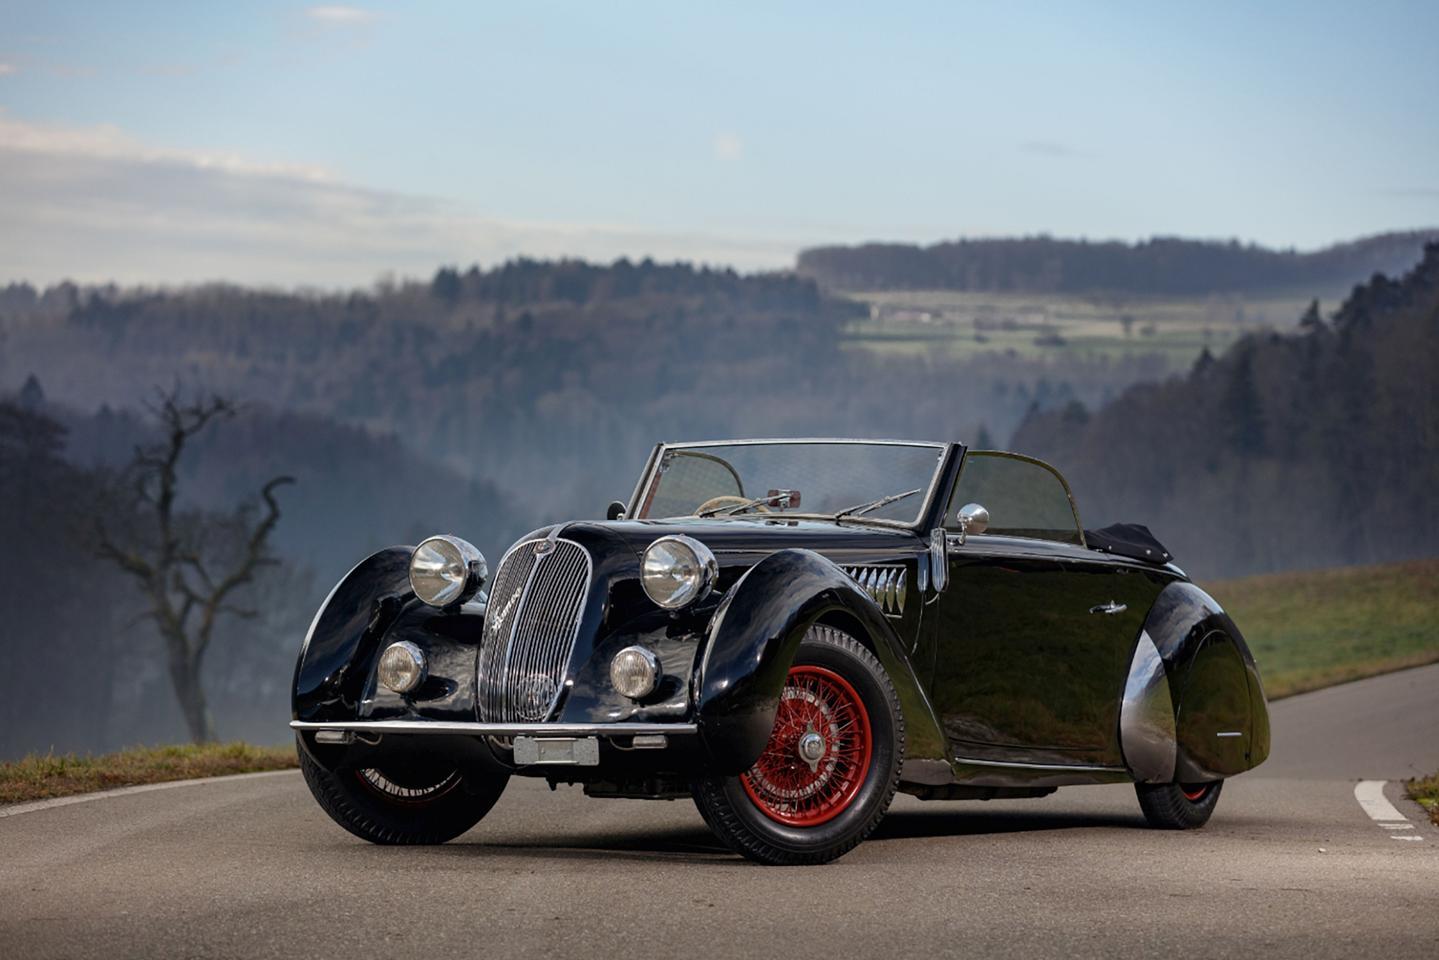 1938 Alfa Romeo 6C 2300 B Lungo cabriolet Worblaufen